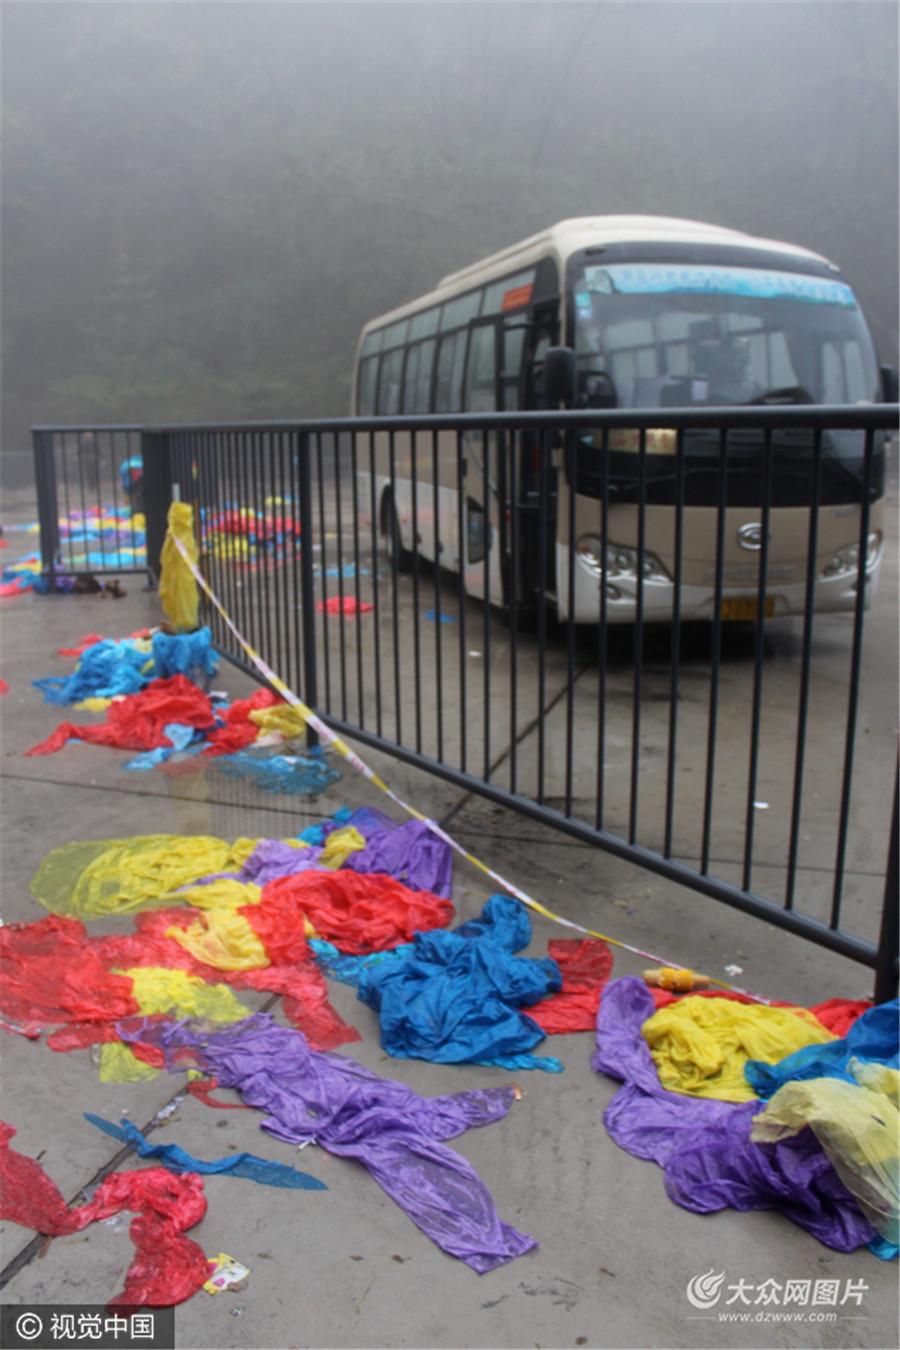 """10月16日,山东省泰安市,泰山景区经受倾盆大雨的洗礼,景区内中天门停车场内,不少游客冒雨登山后将雨衣随手丢弃,并未扔进垃圾箱,停车场顿时变身""""垃圾站""""。"""